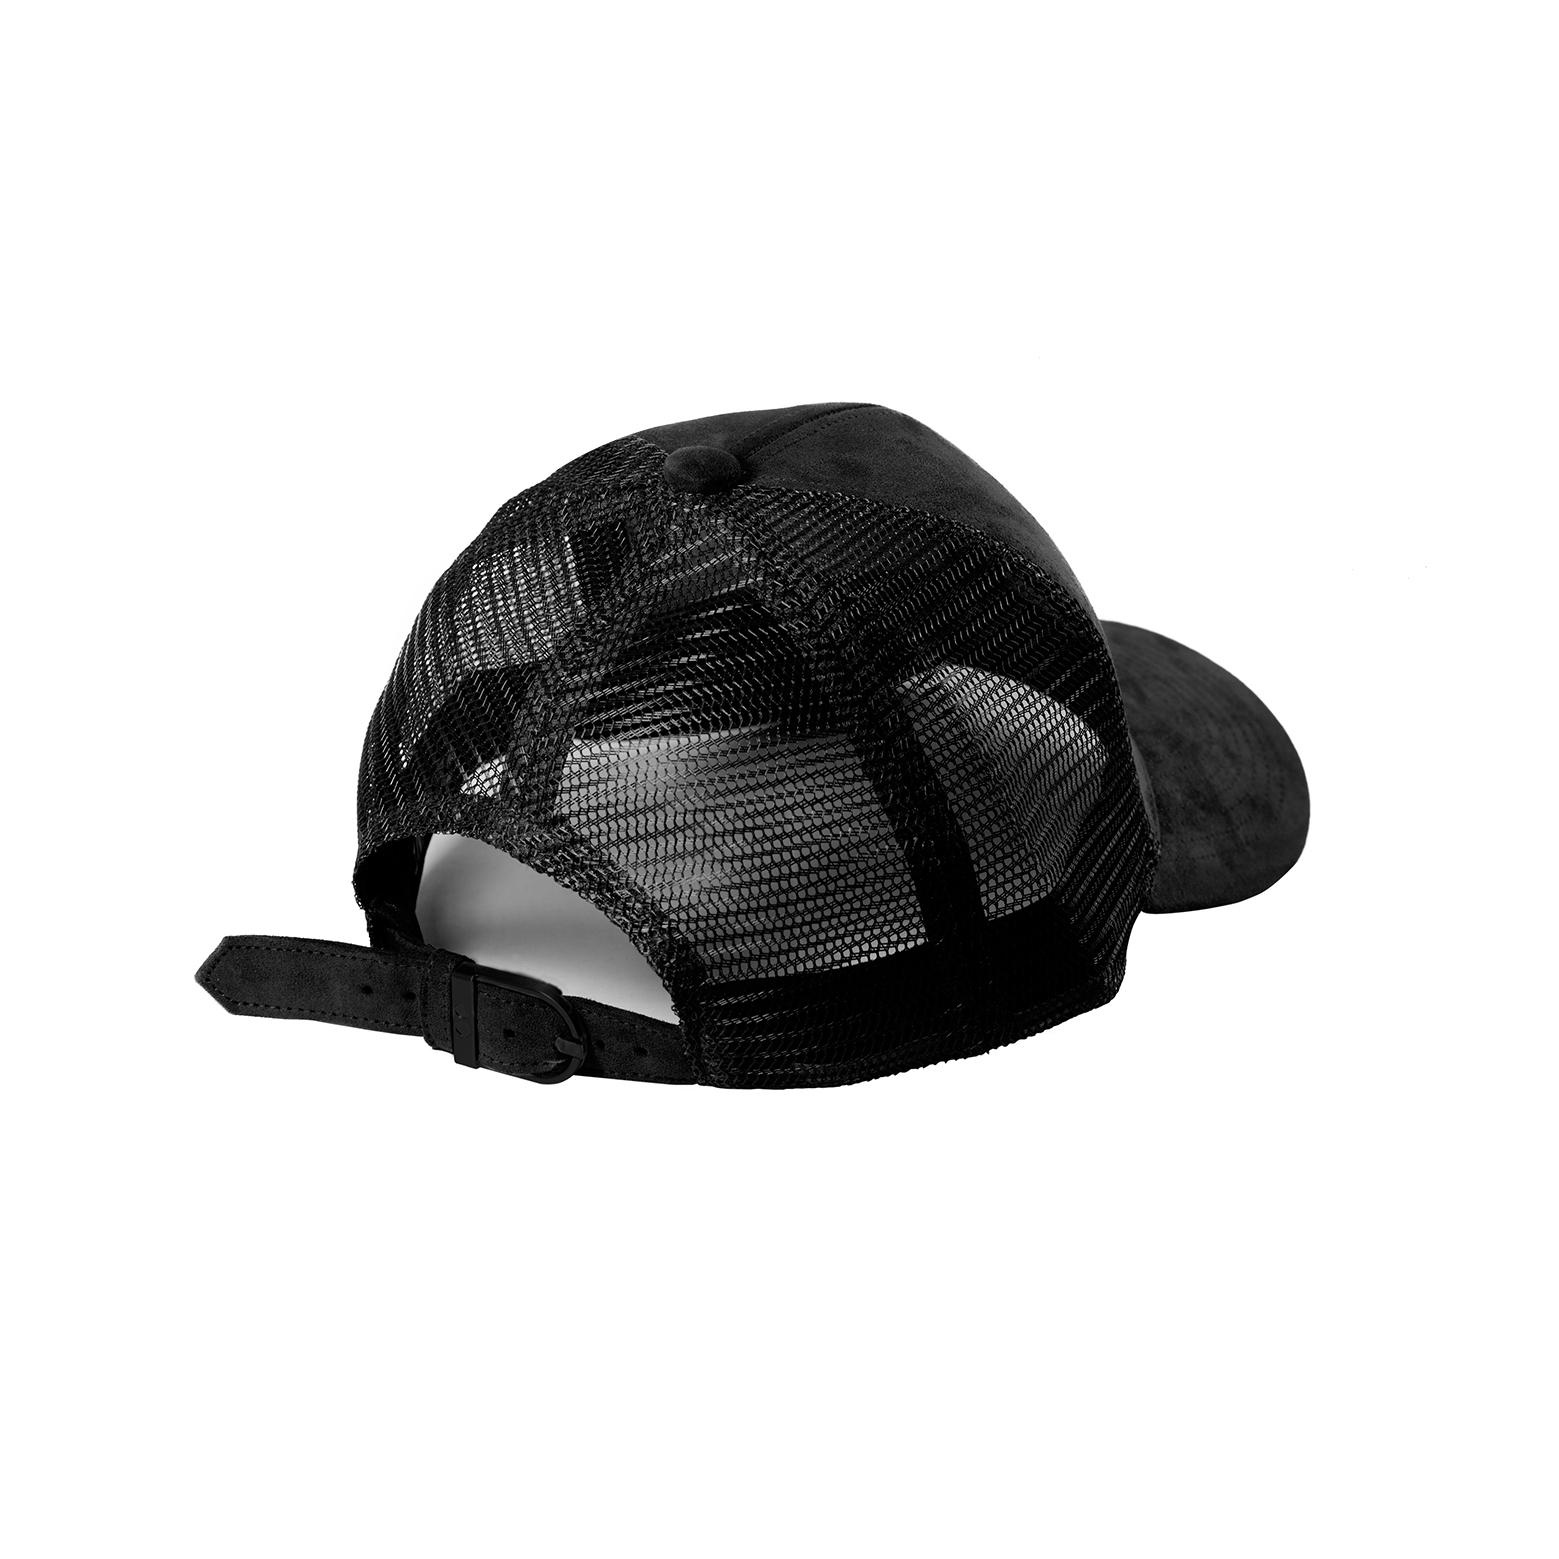 DSLINE TRUCKER BASEBALL Black Suede   Matte Black - DSLINE BASICS 1db5805ec82